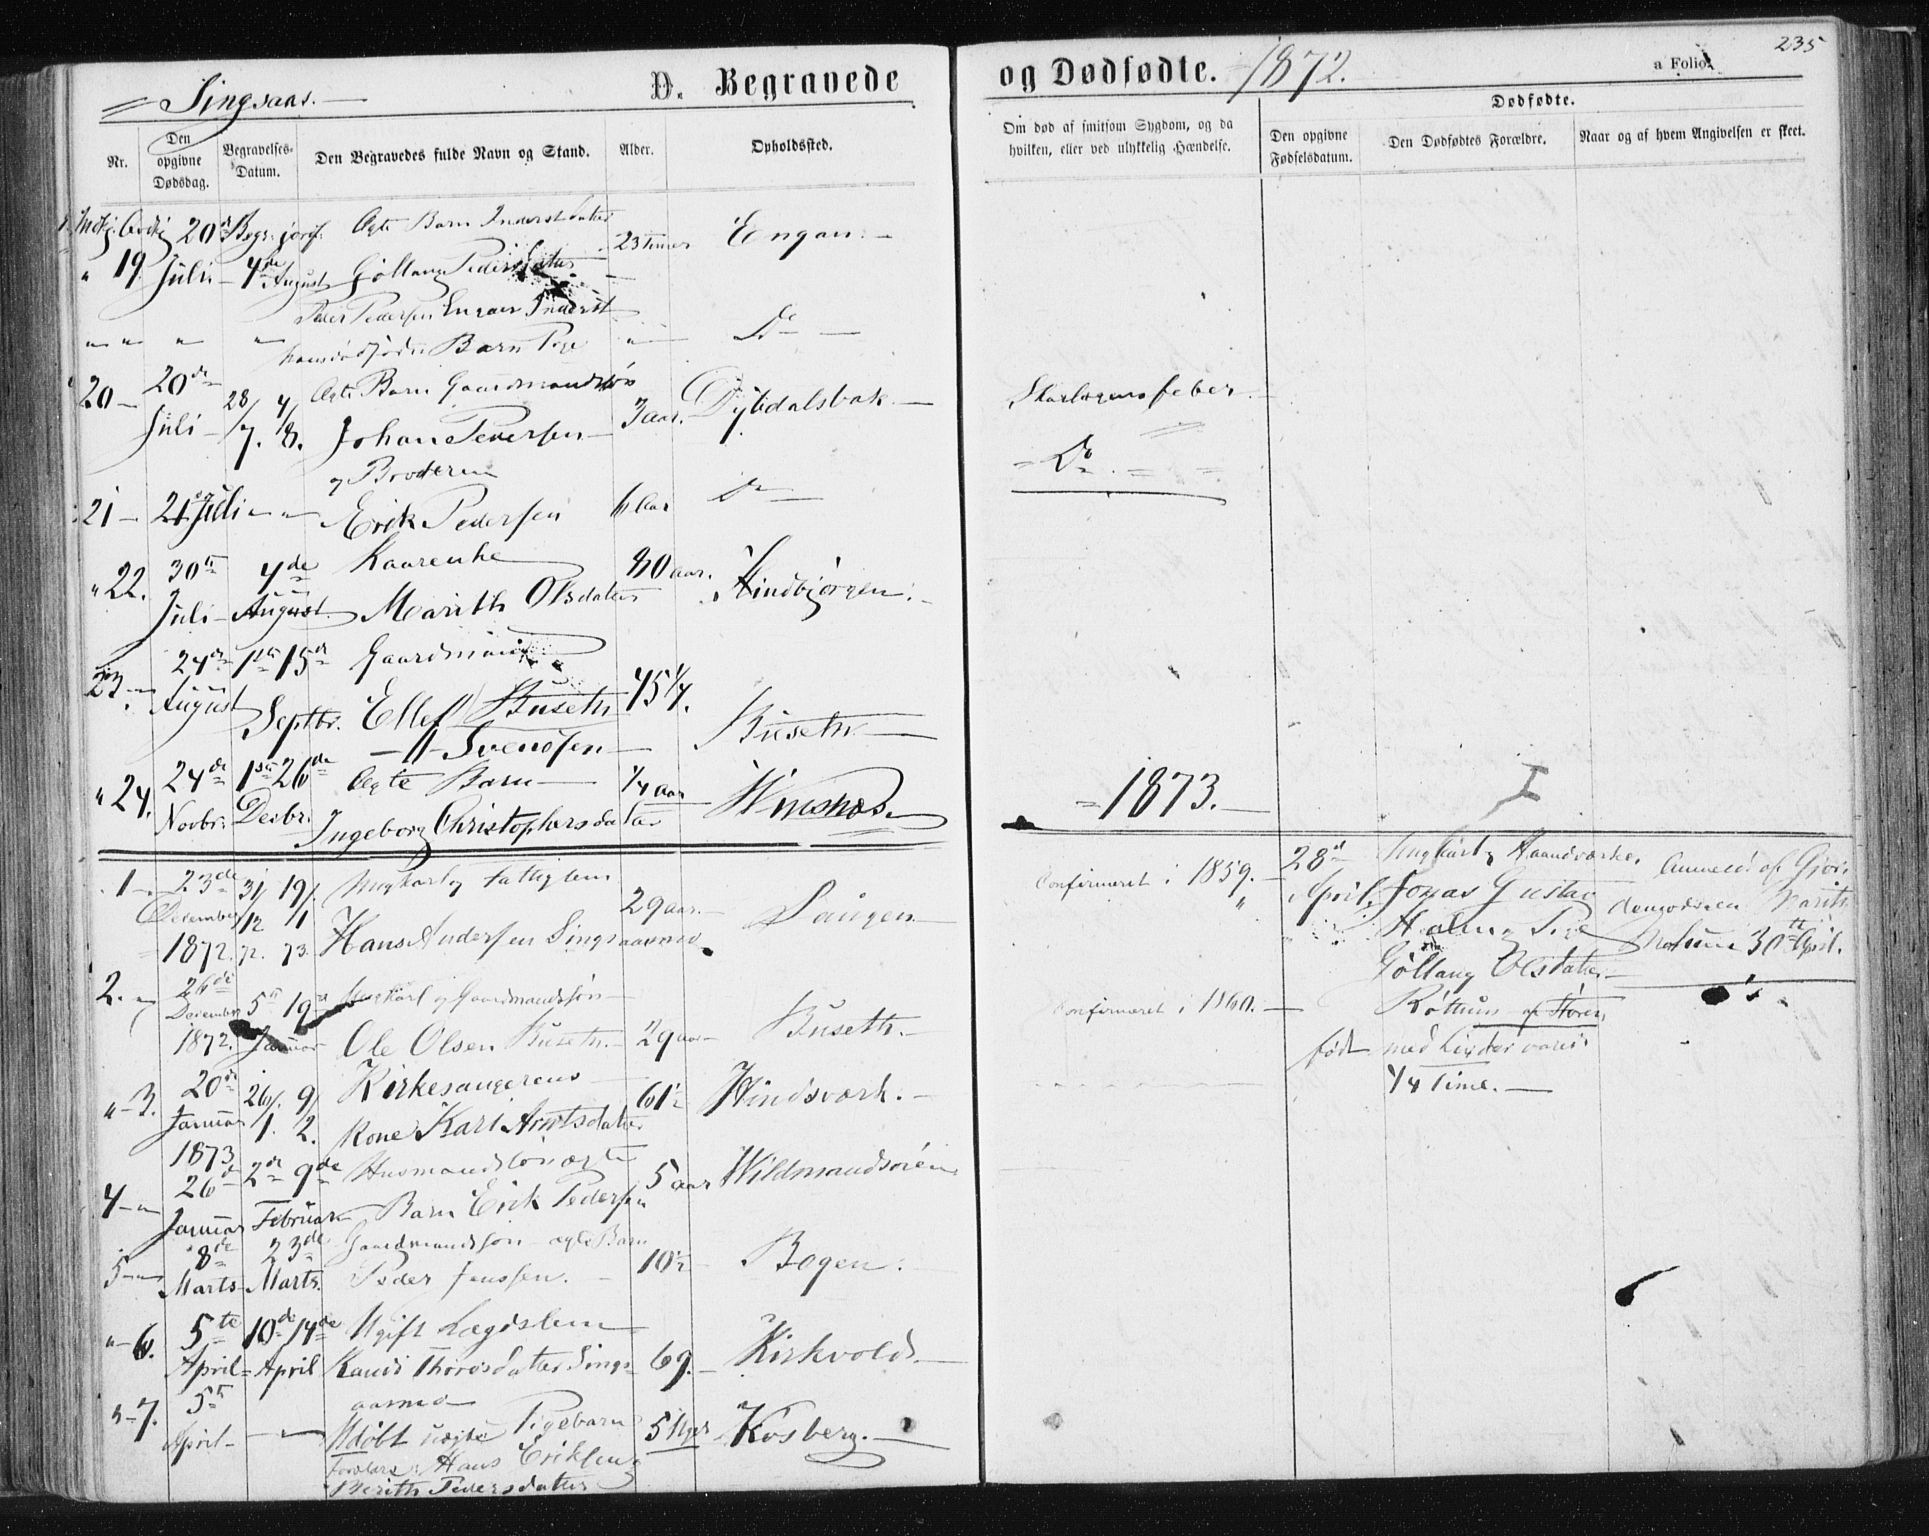 SAT, Ministerialprotokoller, klokkerbøker og fødselsregistre - Sør-Trøndelag, 685/L0970: Ministerialbok nr. 685A08 /2, 1870-1878, s. 235